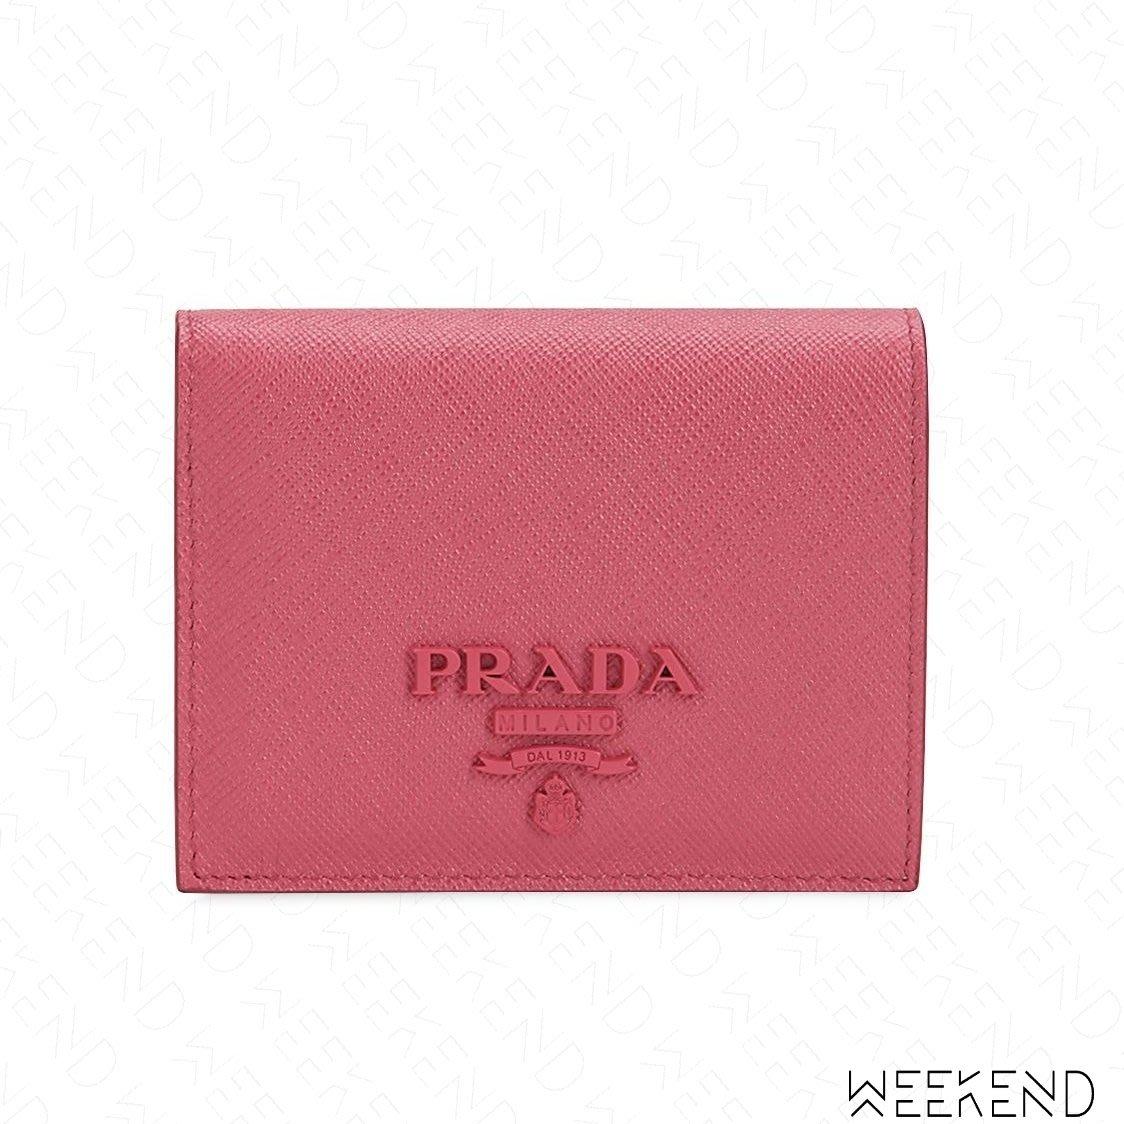 newest 133a1 186b1 WEEKEND】 PRADA Saffiano Logo 小款皮革皮夾卡夾短夾零錢包全 ...